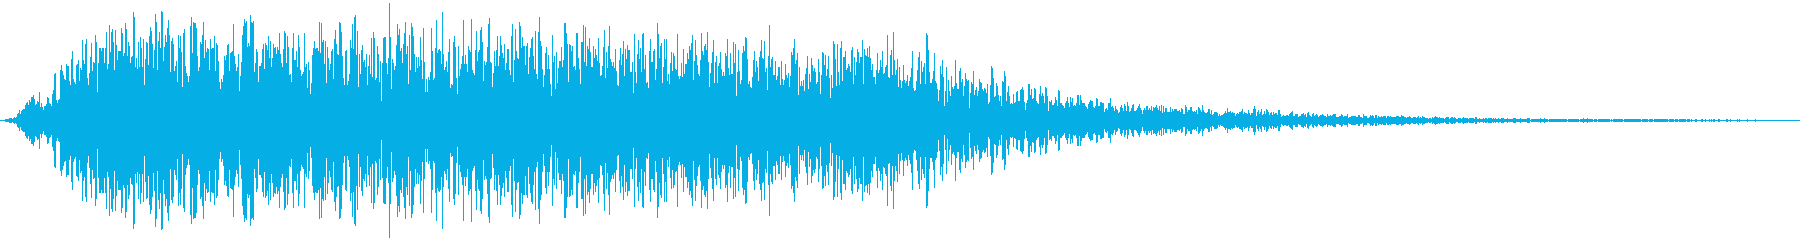 ドラゴンの咆哮/猛獣/モンスターの再生済みの波形